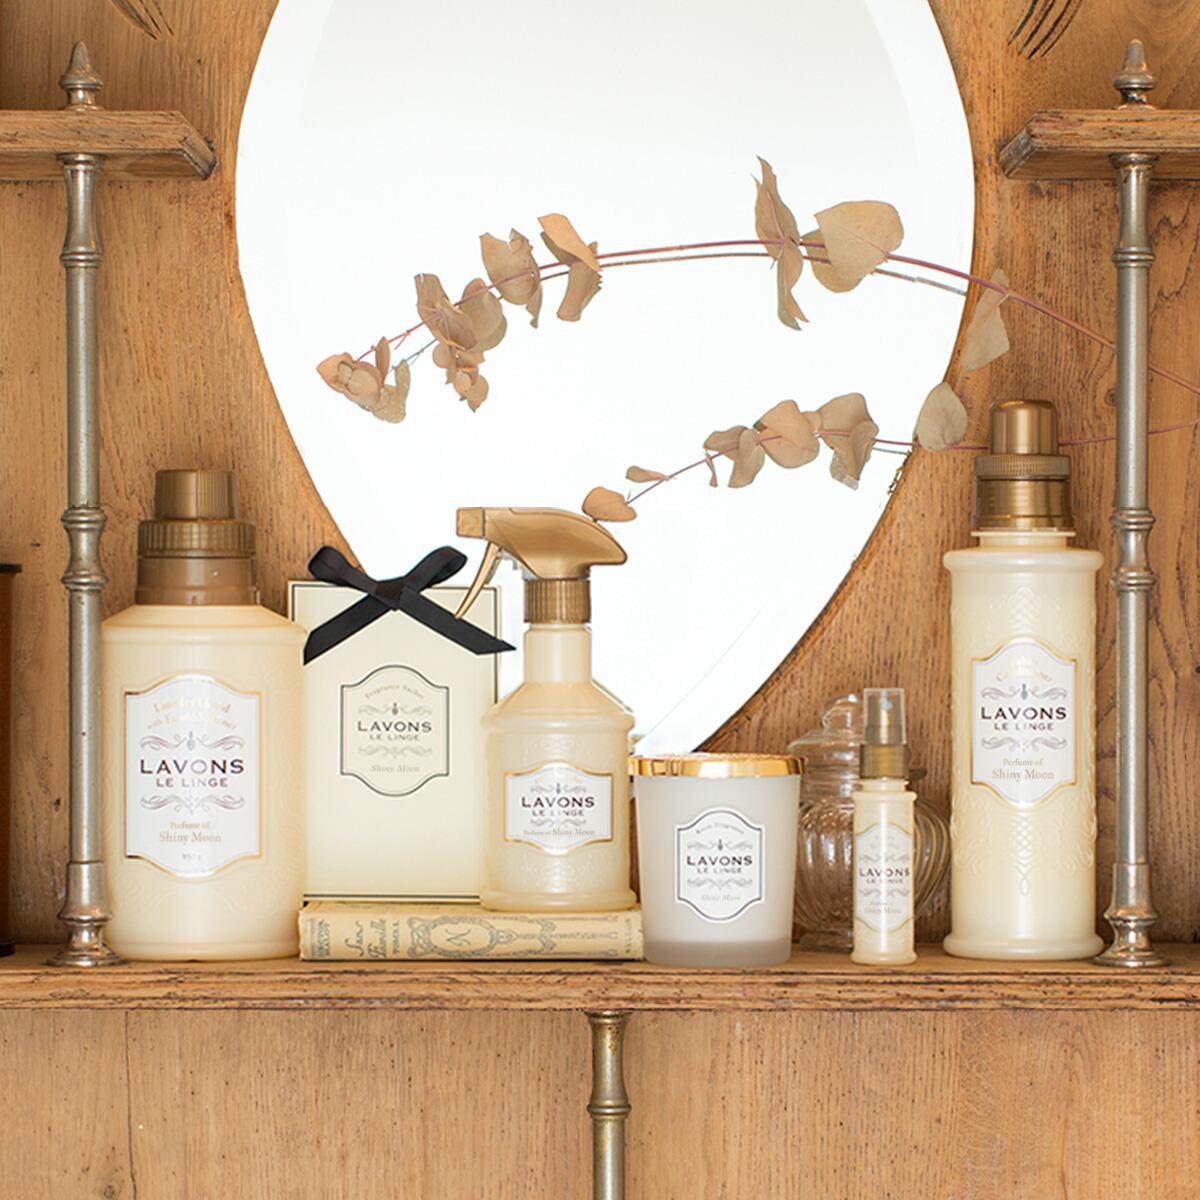 ネイチャーラボ楽天公式:ラボン 柔軟剤入り 洗濯洗剤 シャイニームーンの香り(旧シャンパンムーンの香り) 詰め替え 750g・イメージ写真4